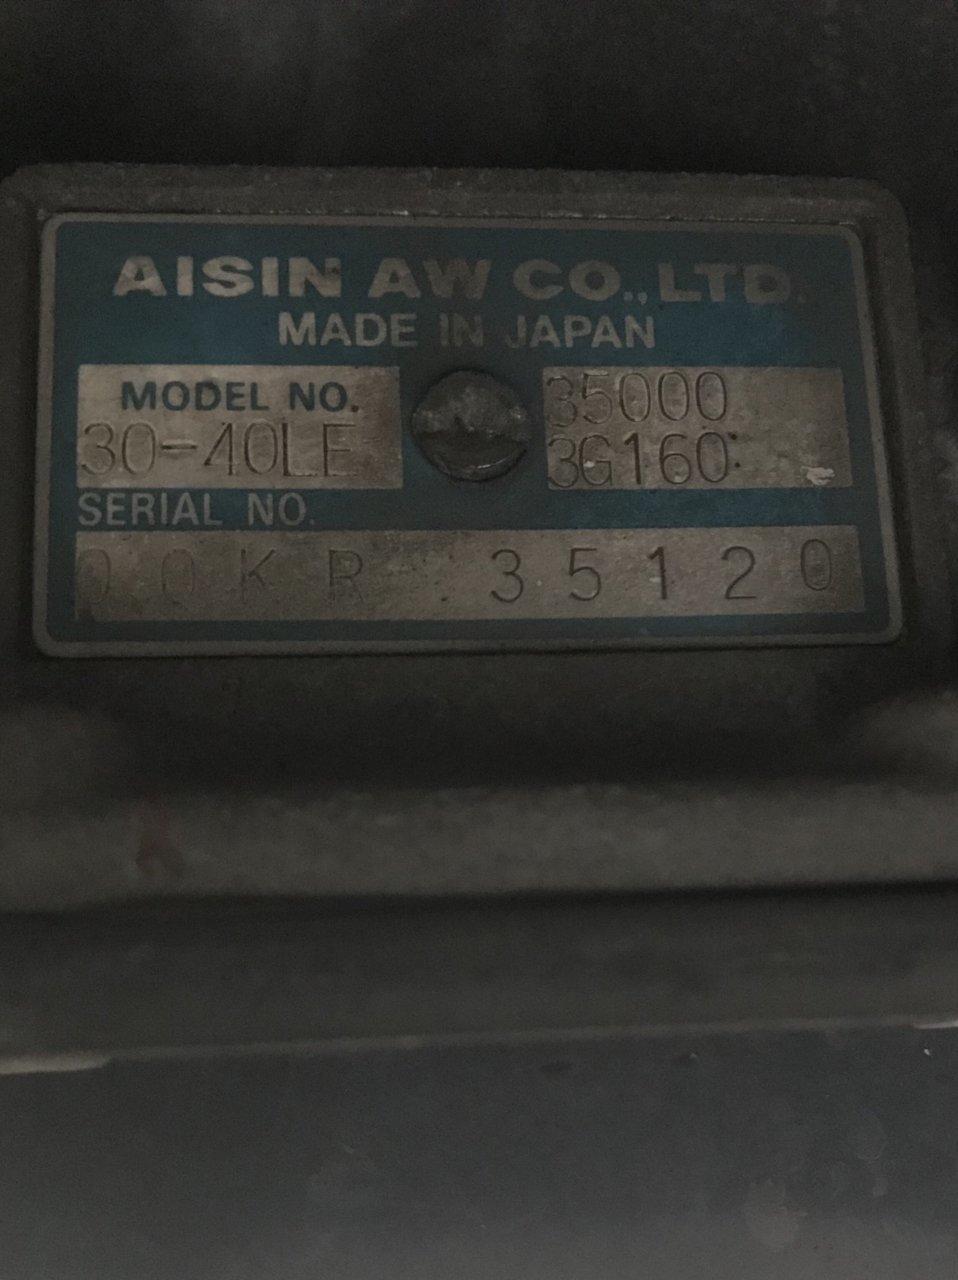 060102FD-438E-49B1-BD30-5B98BF02B6A8.jpg